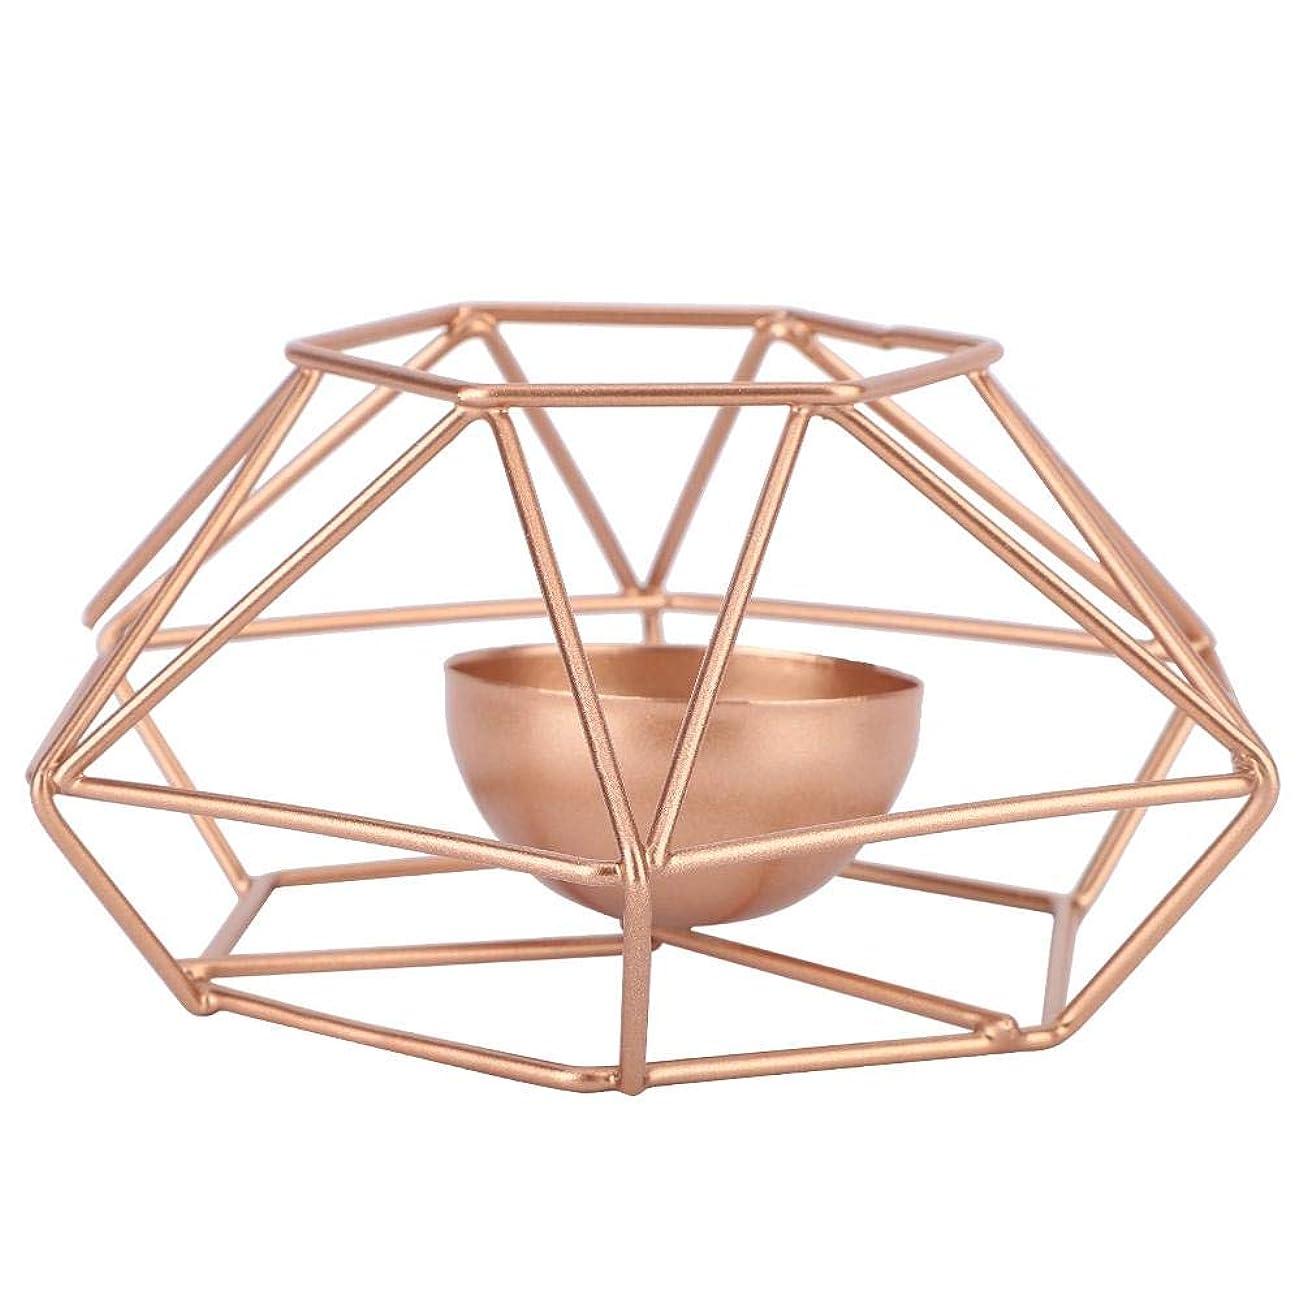 イースター用心深いスラム鉄の燭台、現代スタイルの幾何学的な燭台スタンド鉄の蝋燭ホールダー金家の装飾飾り